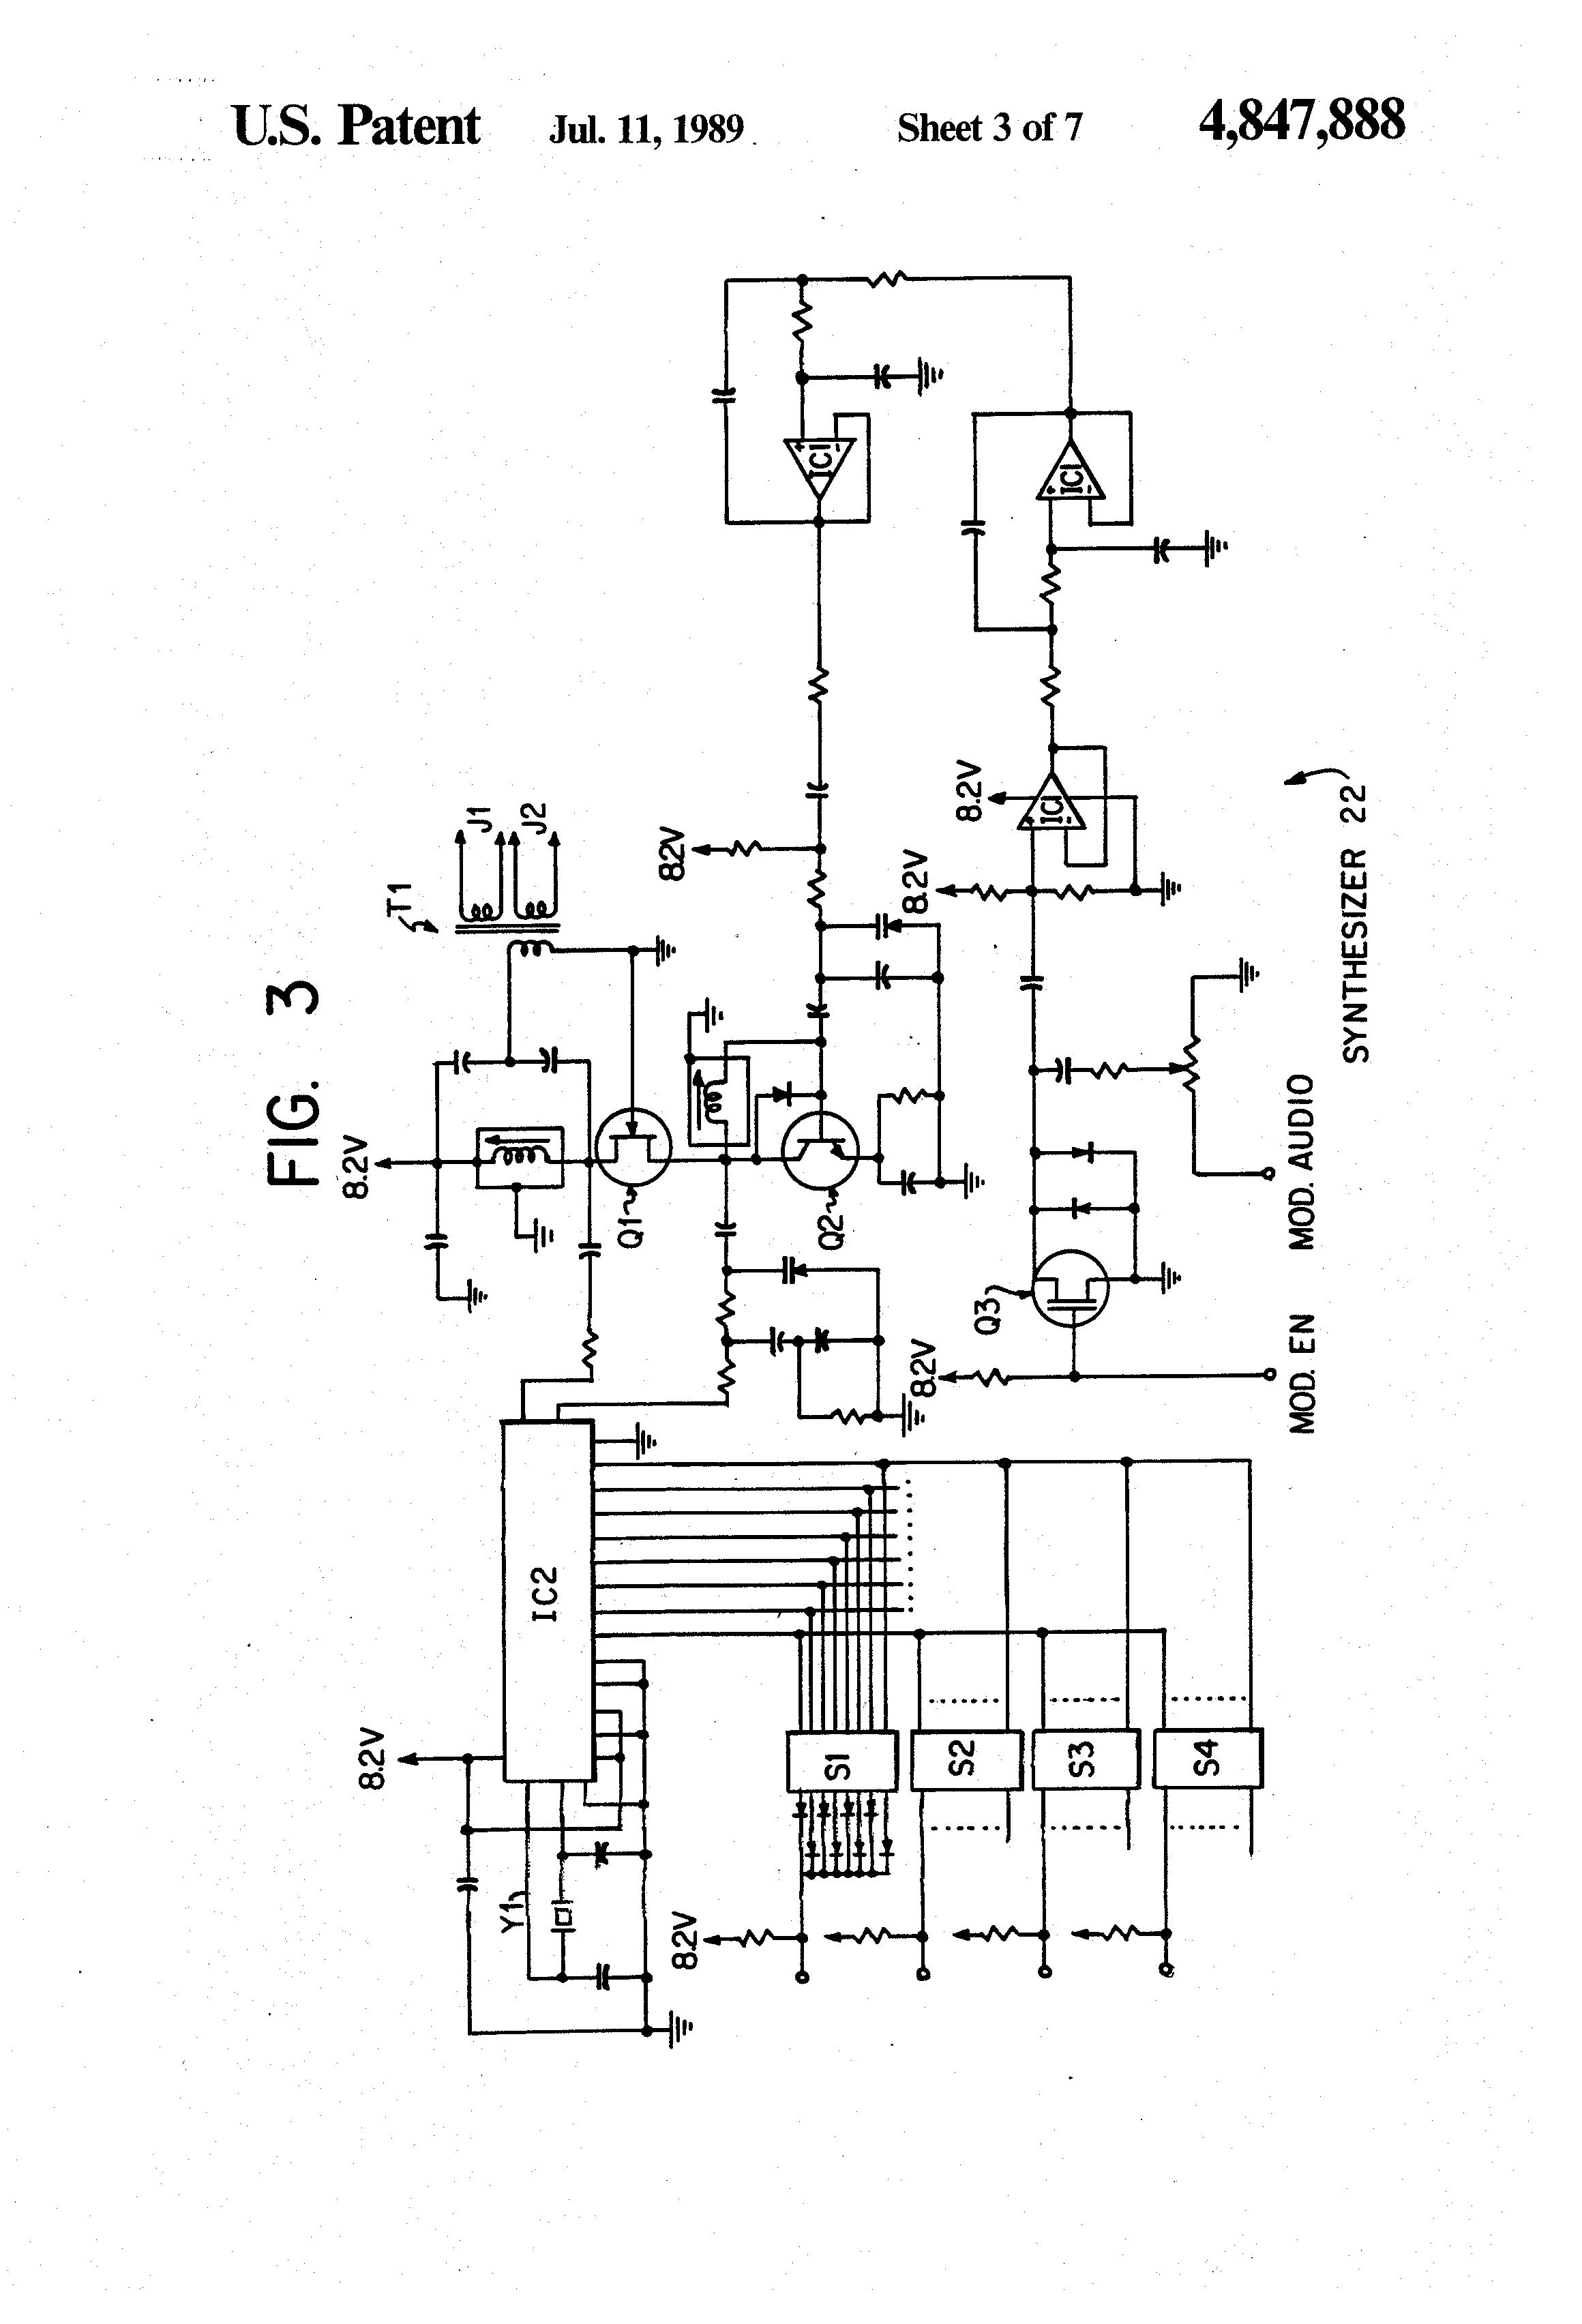 gai tronics wiring diagram   26 wiring diagram images